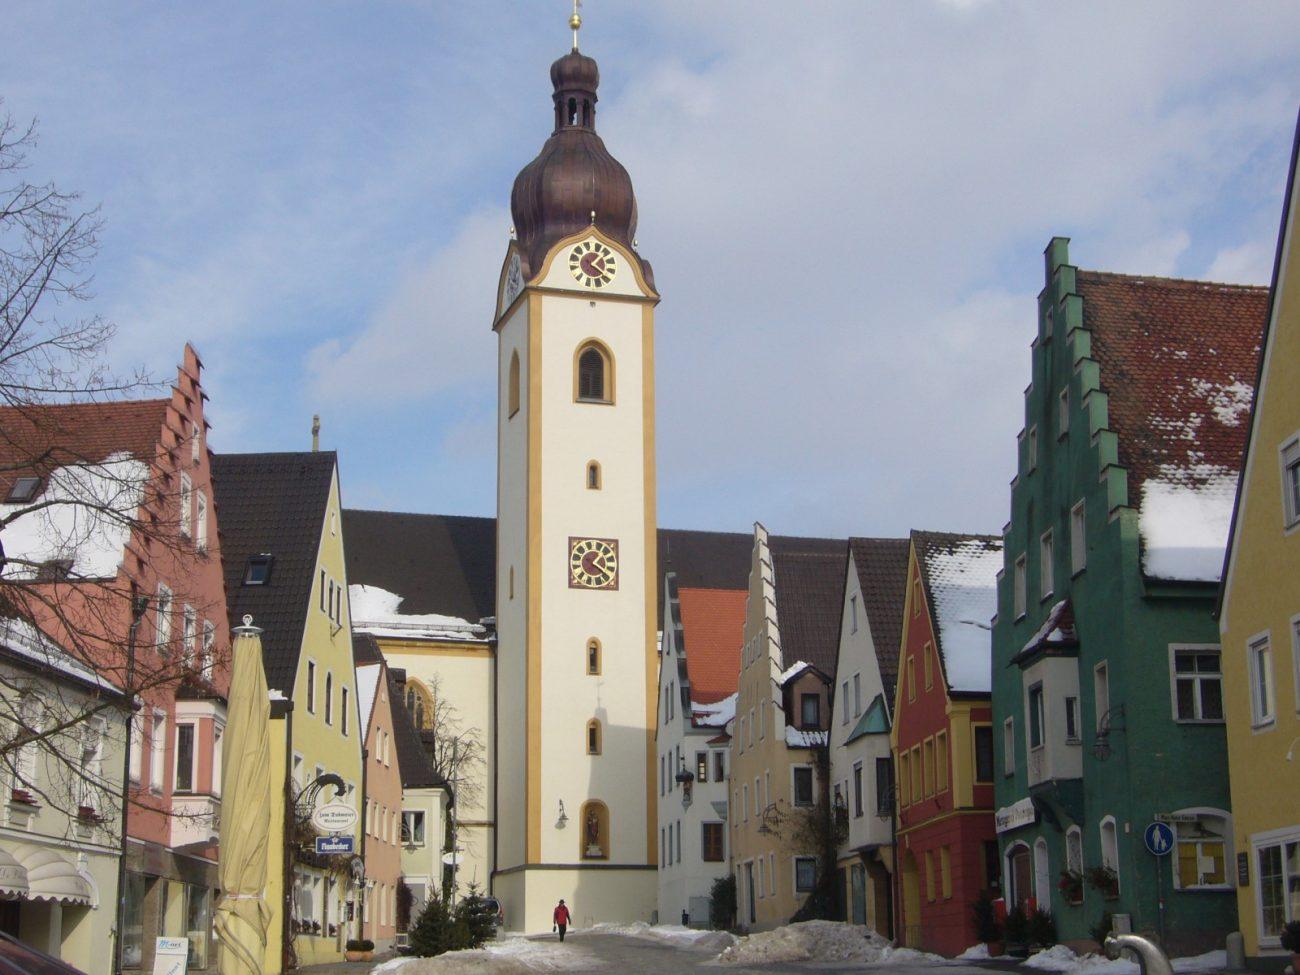 Зимний центр Швандорфа, kirchbau.de